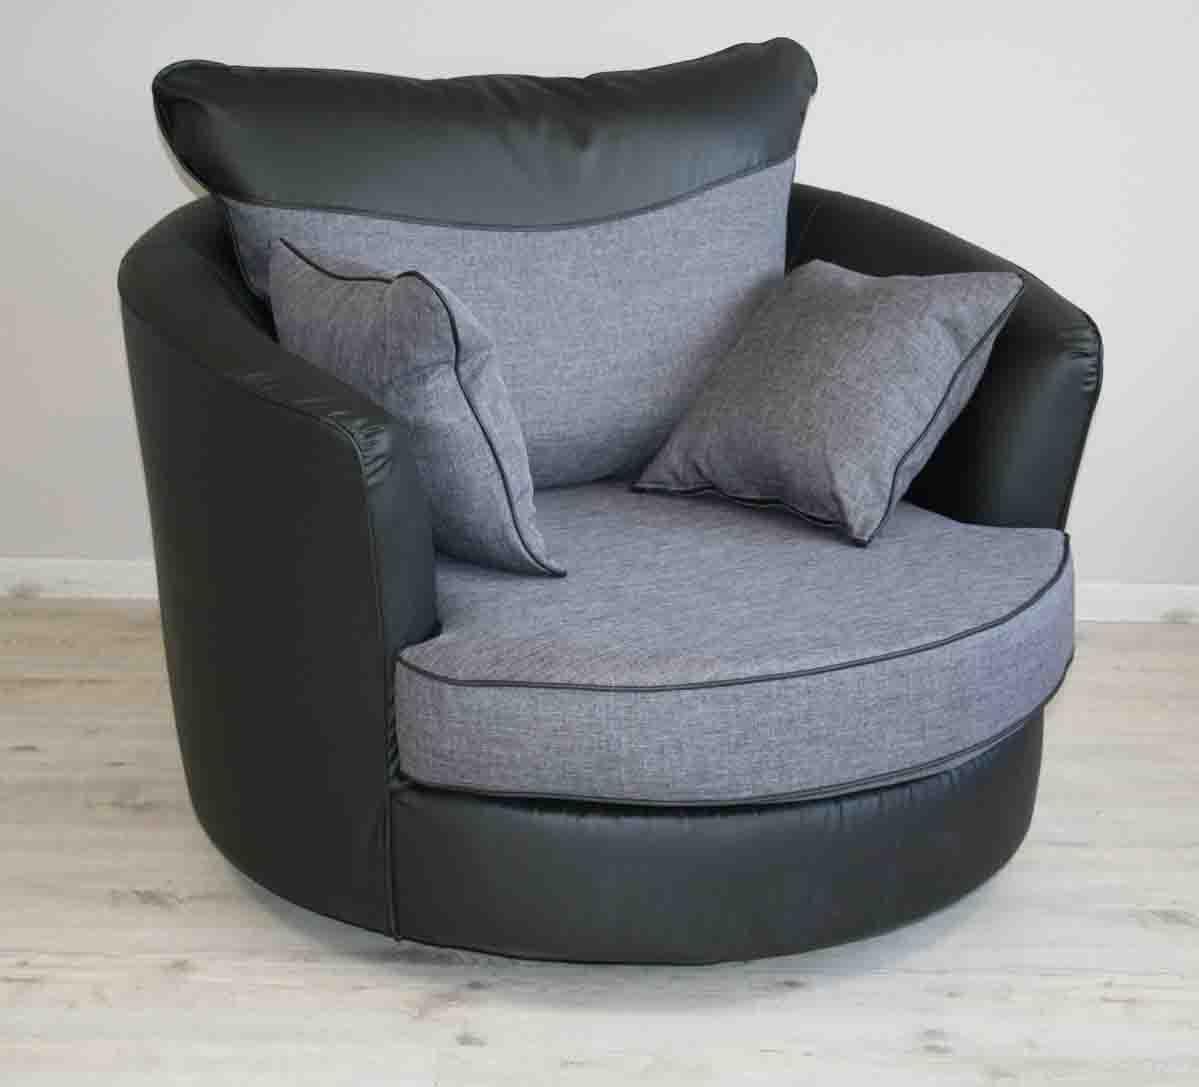 fauteuil aujourd 39 hui il se veut moderne design mais surtout tr s confortable. Black Bedroom Furniture Sets. Home Design Ideas